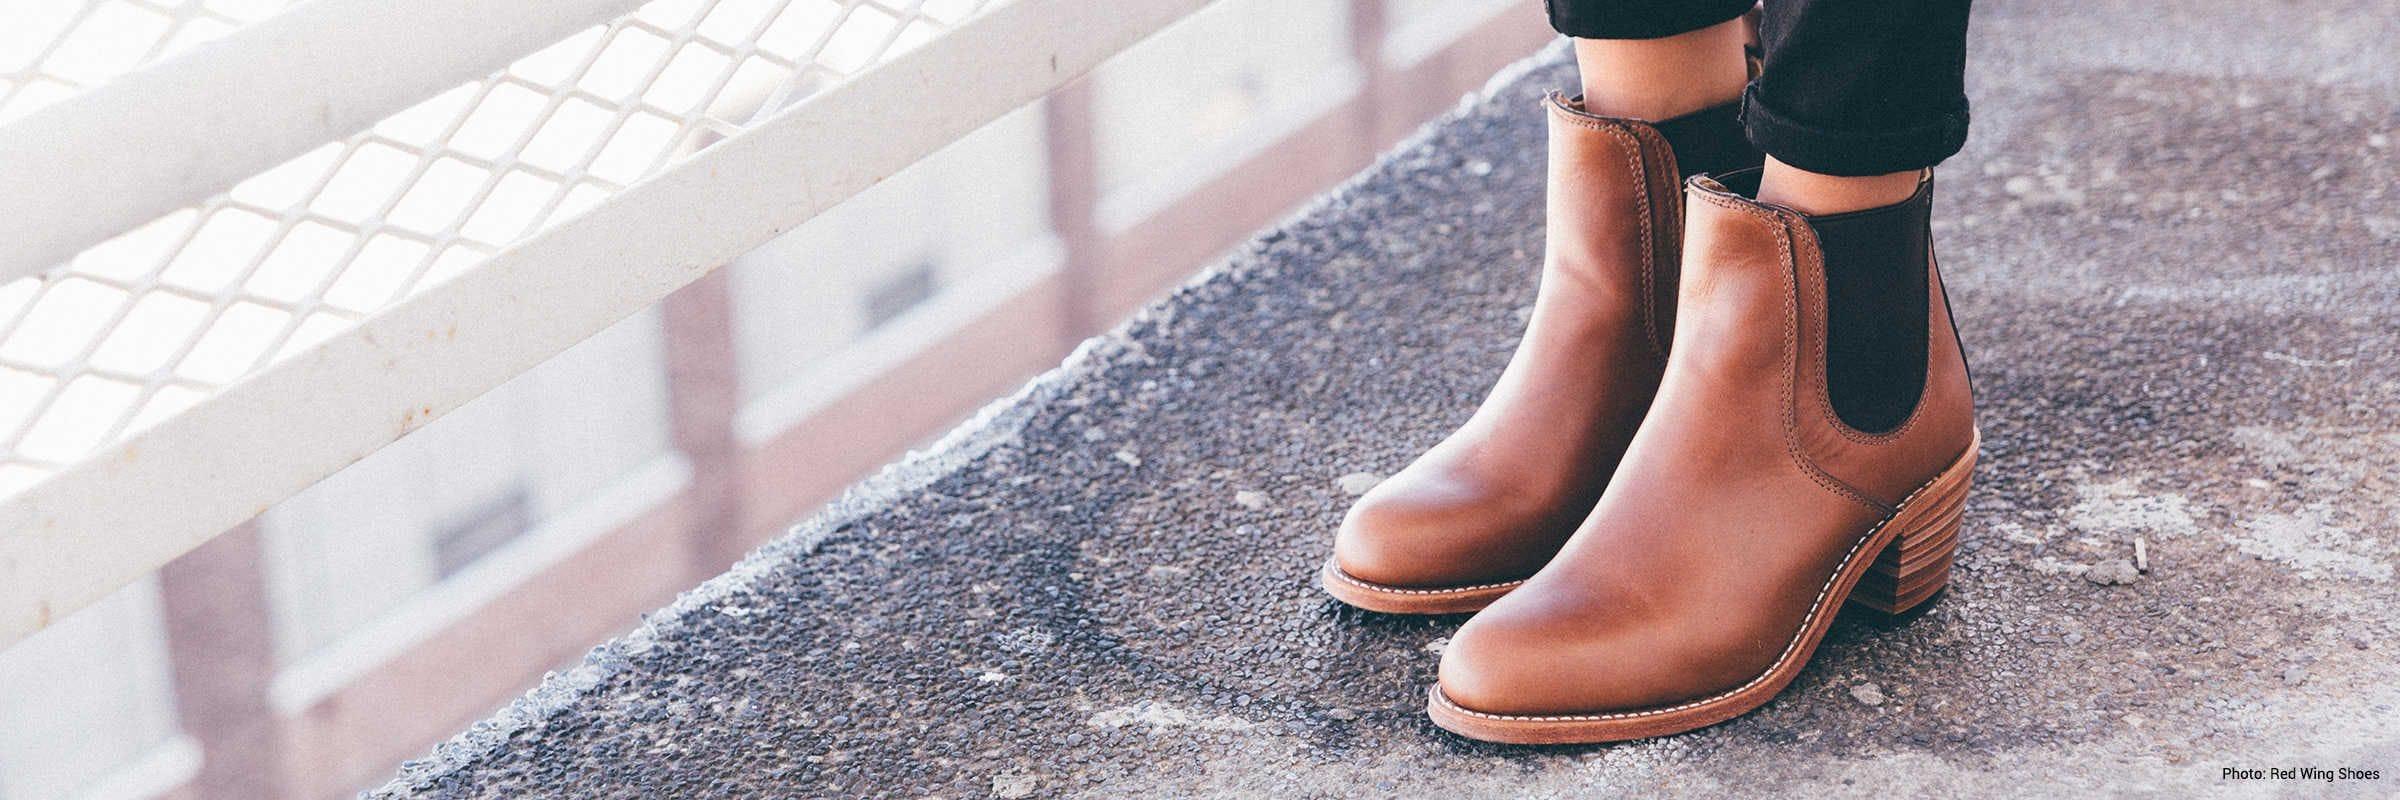 Blundstone, Red Wing Shoes, swim, Wolverine. 5 bottes urbaines pour femmes parfaites pour l'automne